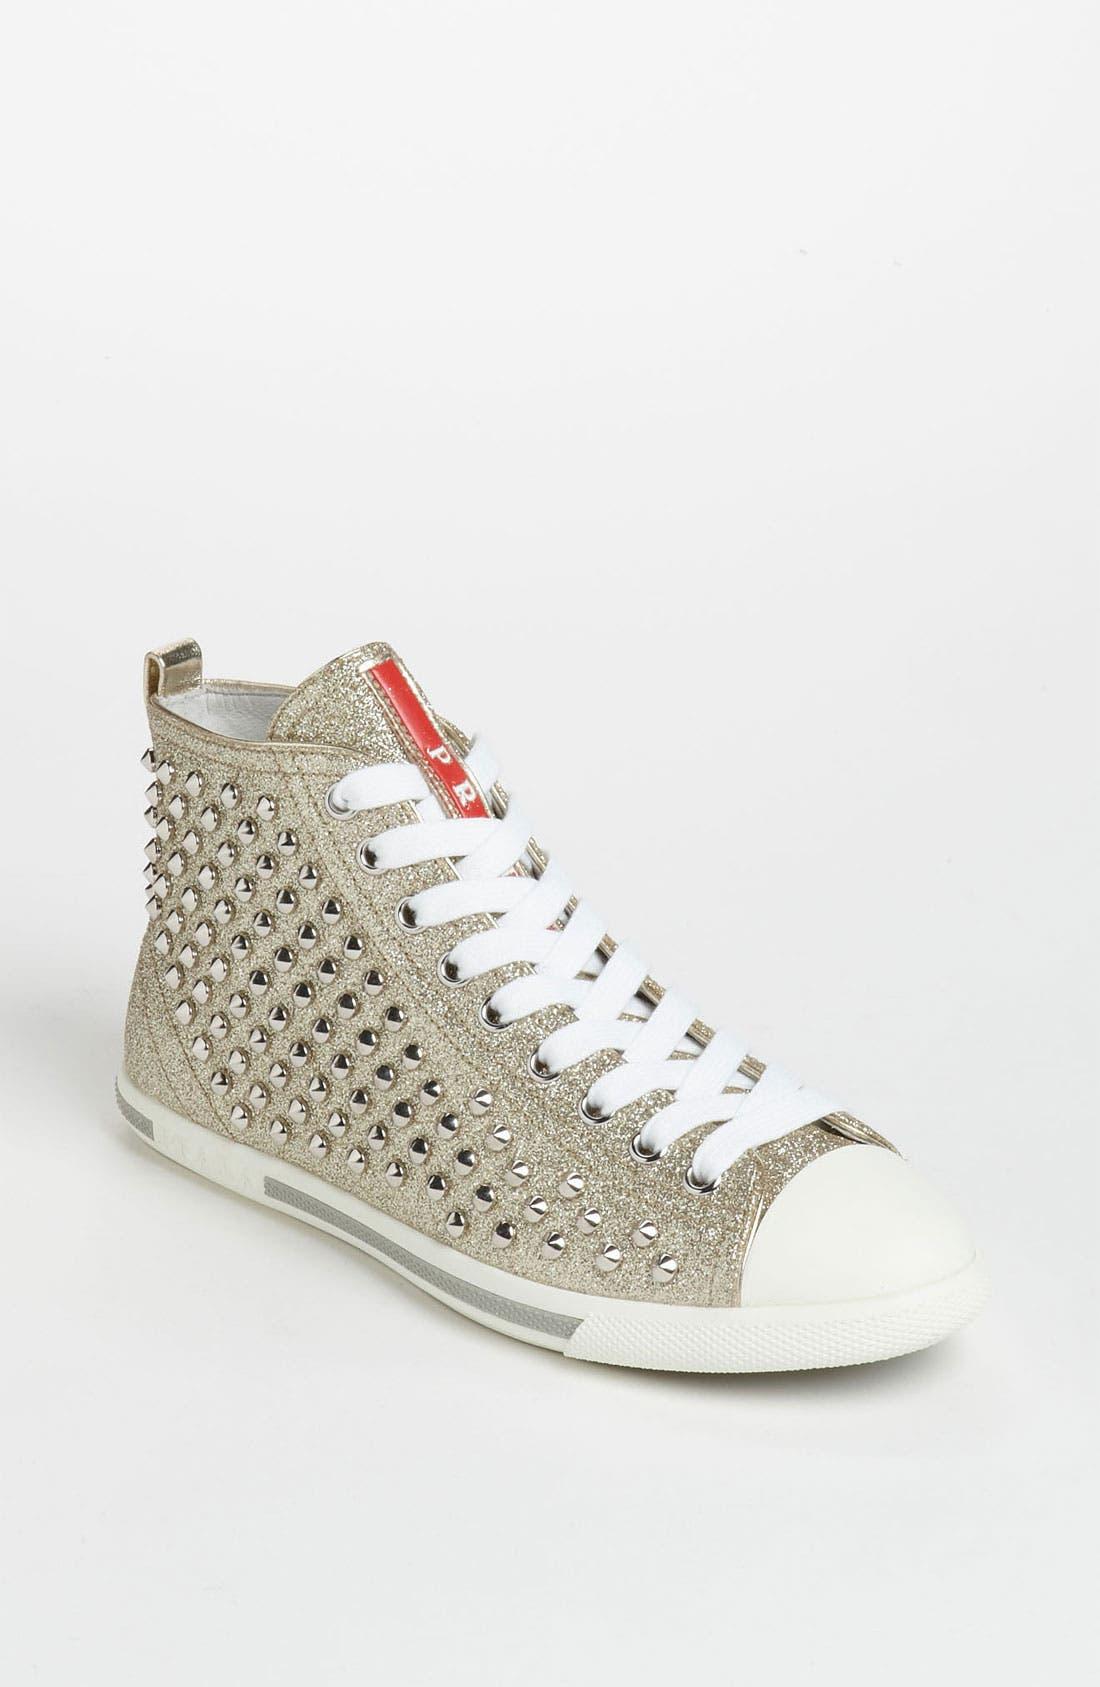 Main Image - Prada High Top Sneaker